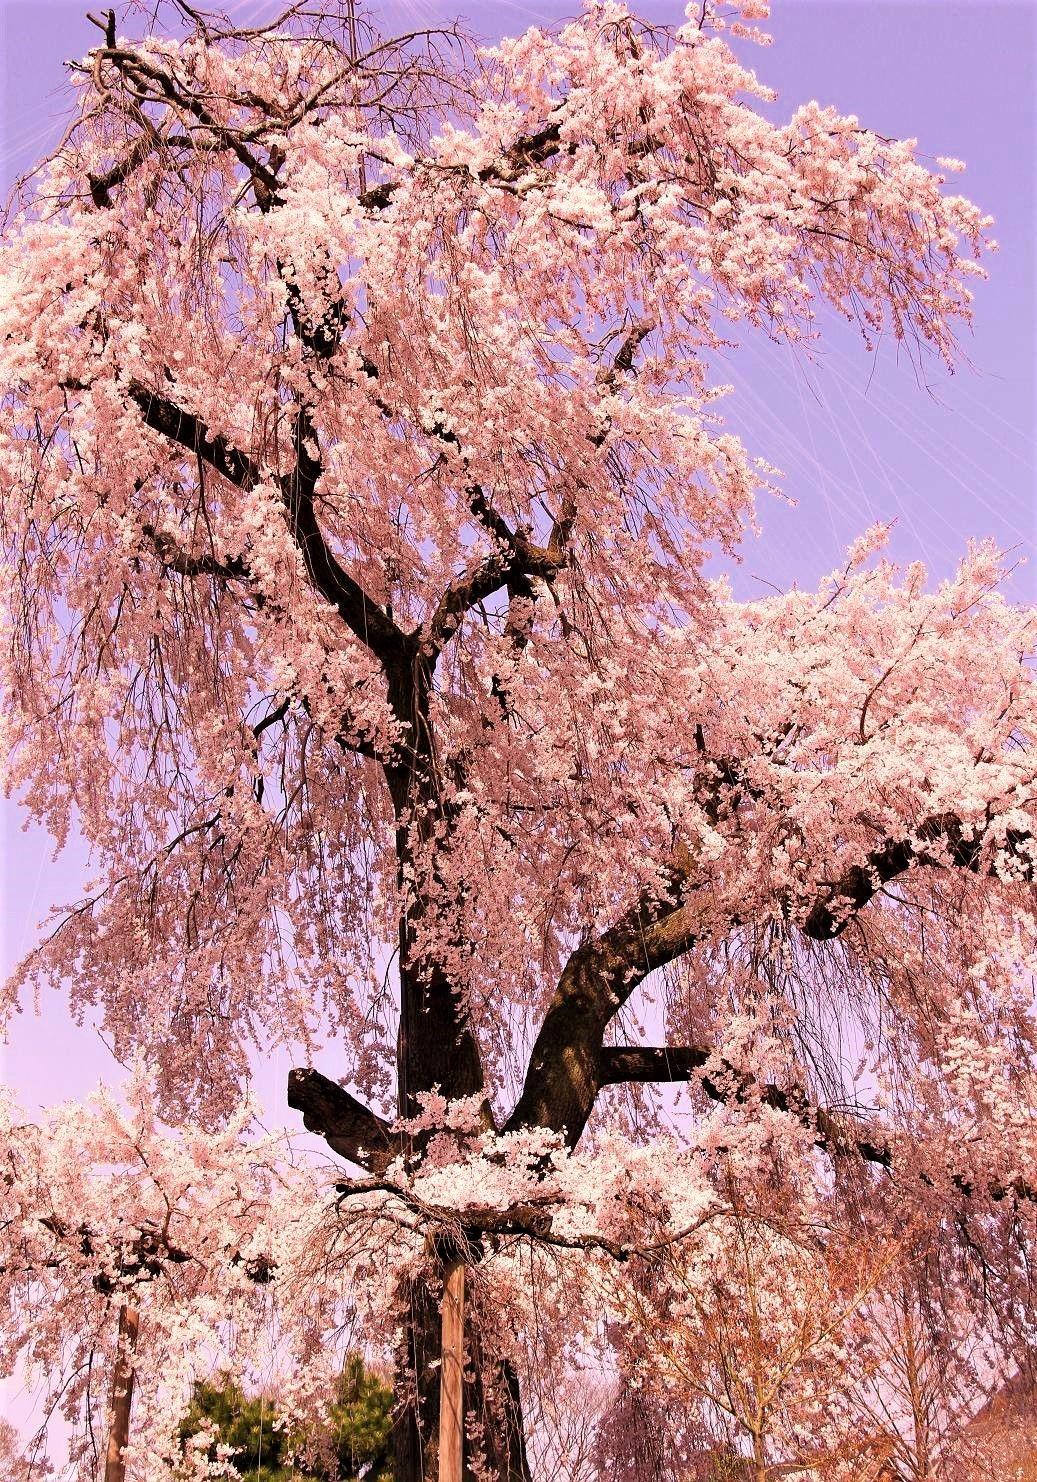 京都の桜は無料で楽しもう!祇園から哲学の道へ桜の見頃は?